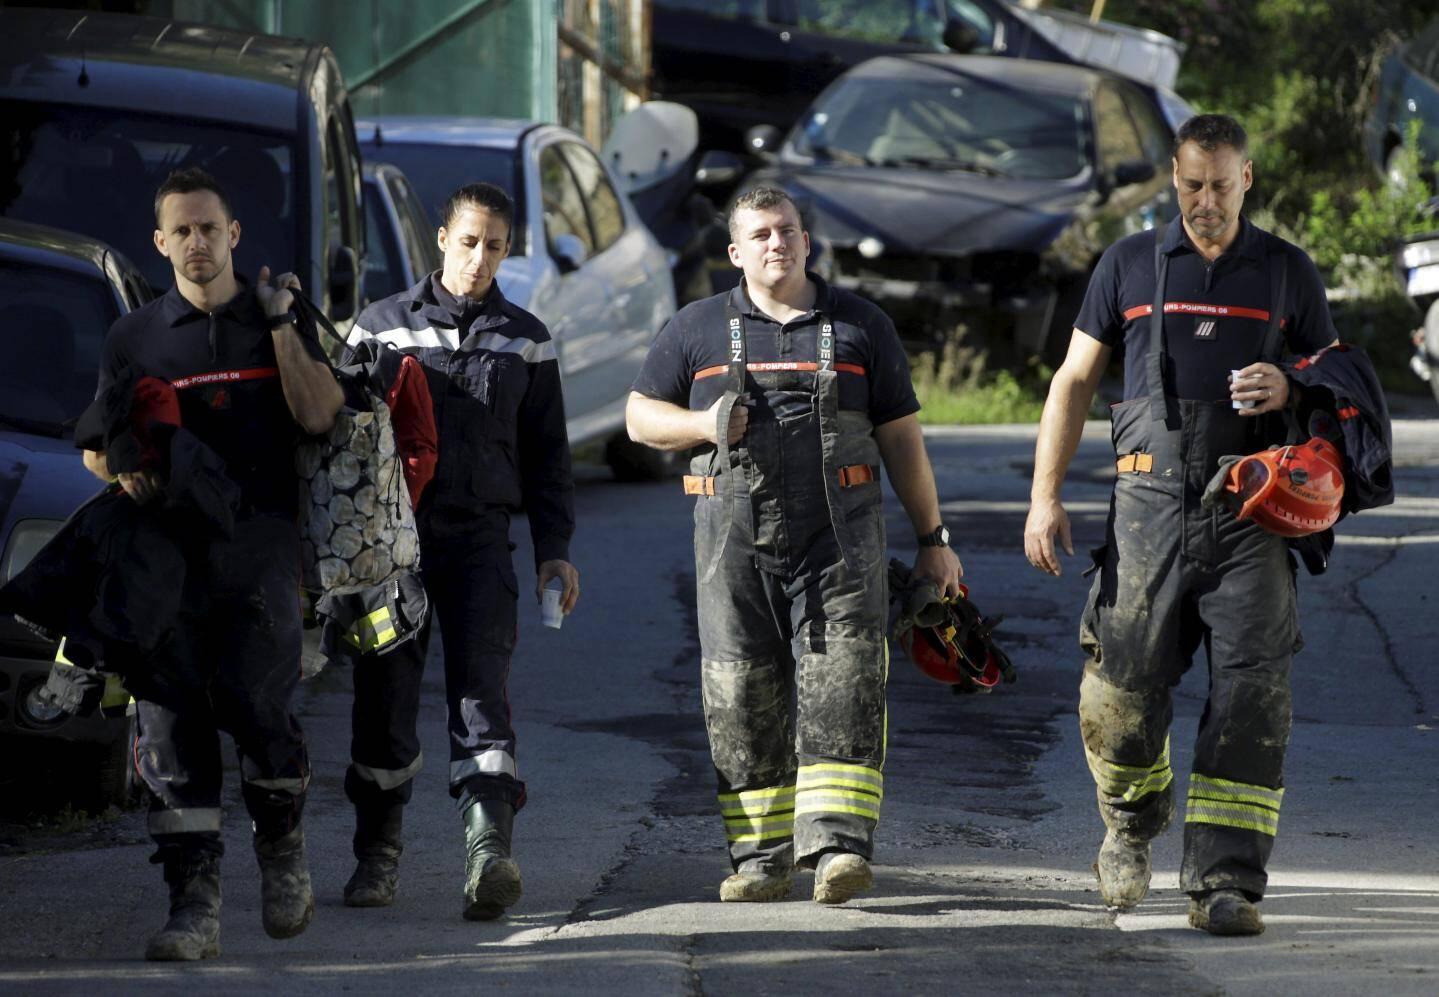 Hier matin, les sapeurs-pompiers quittent les lieux, après une nuit d'efforts pour dégager la victime.